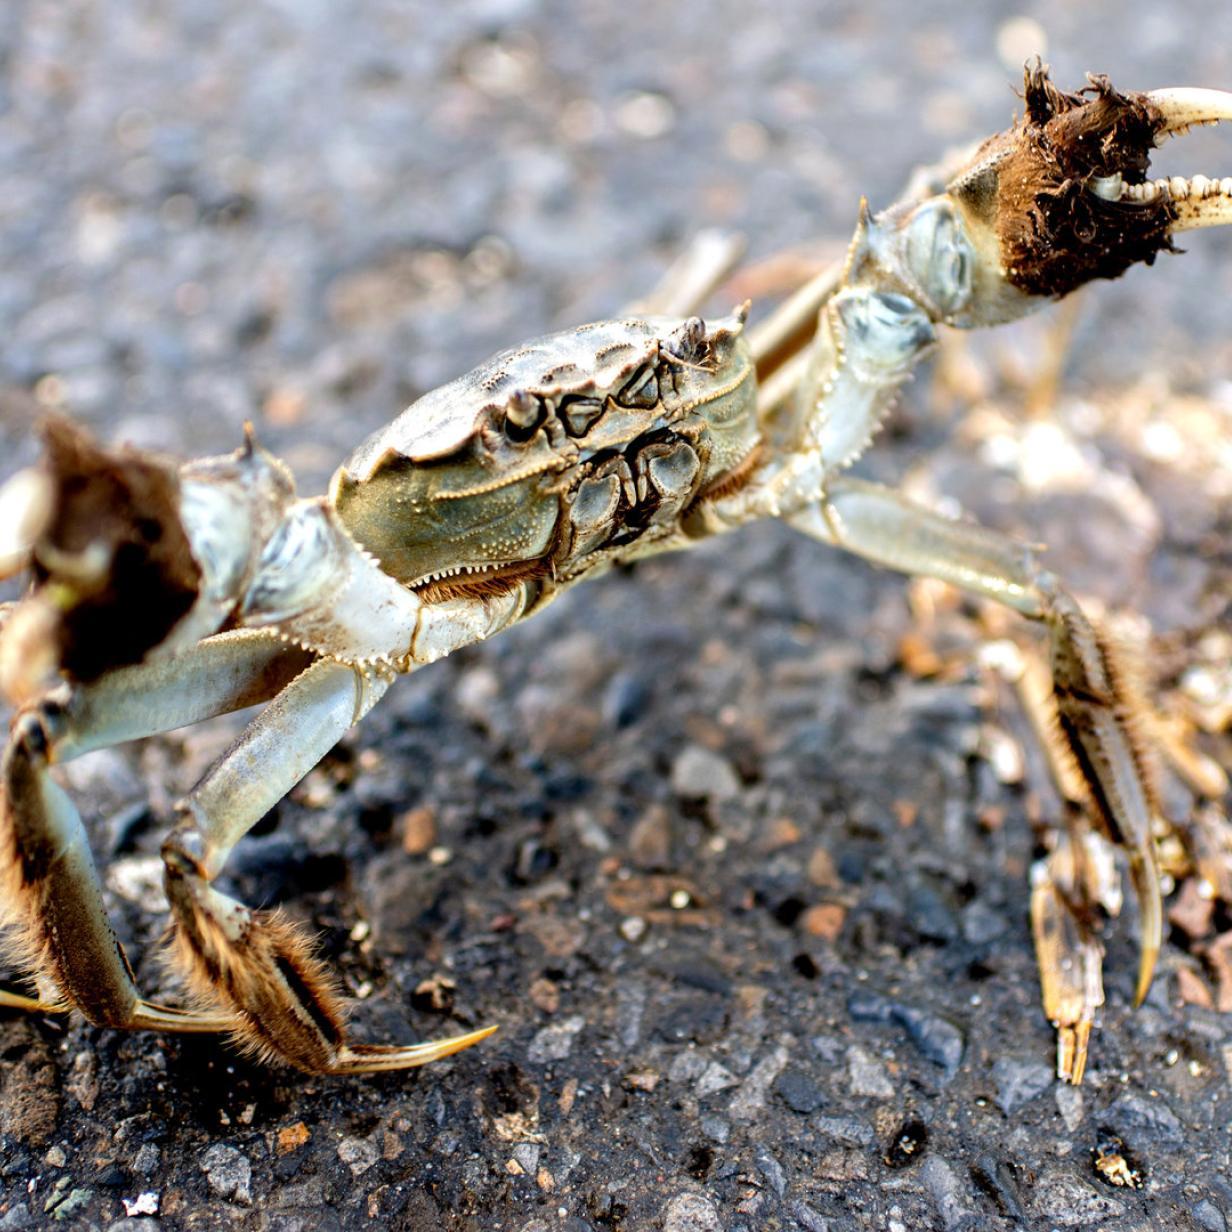 Krabben-Invasion: Massenwanderung an die Nordsee